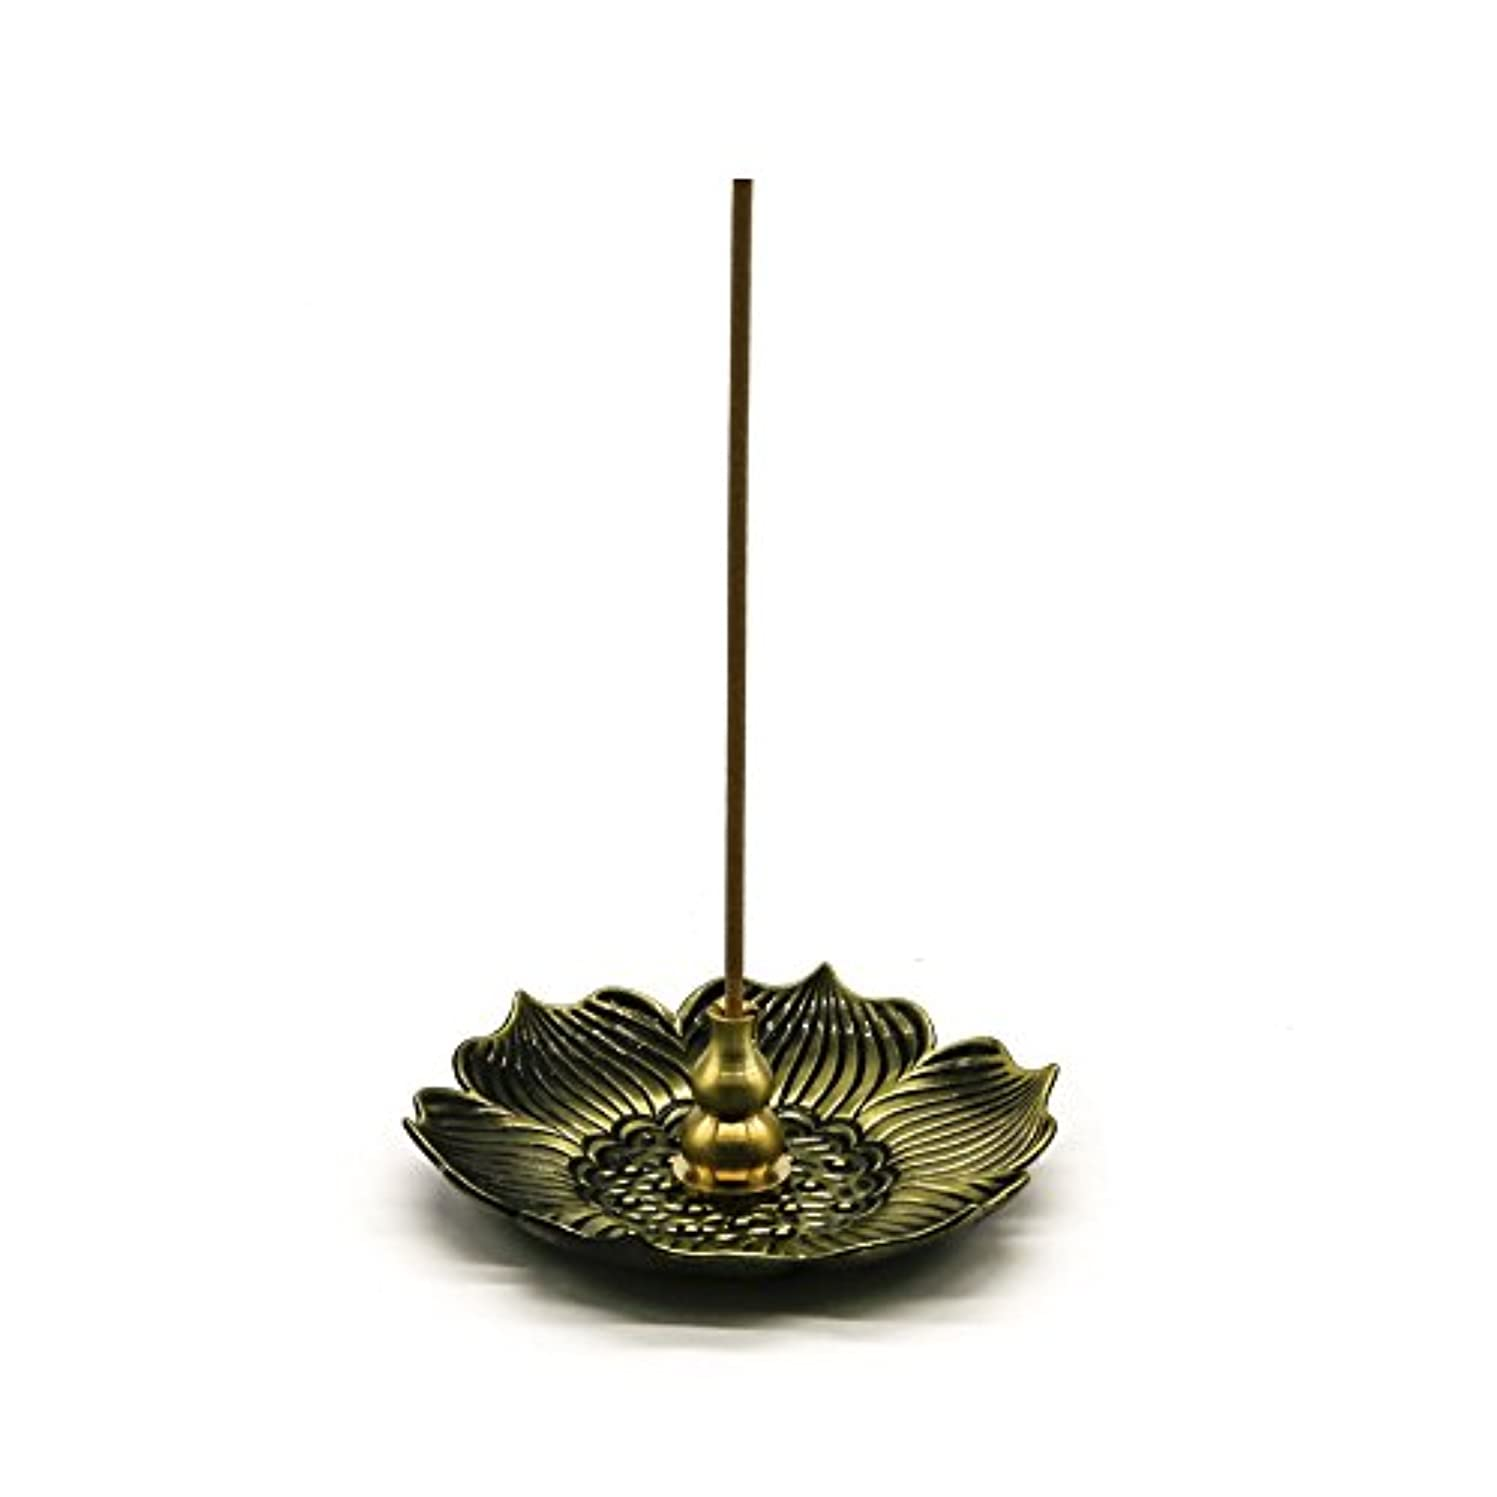 滞在観客血色の良いomonicブロンズLotus Dish Stick Incense Burnerホルダー(スティック/コーン/コイルIncense )アロマセラピー炉Diffuser forホームインテリア